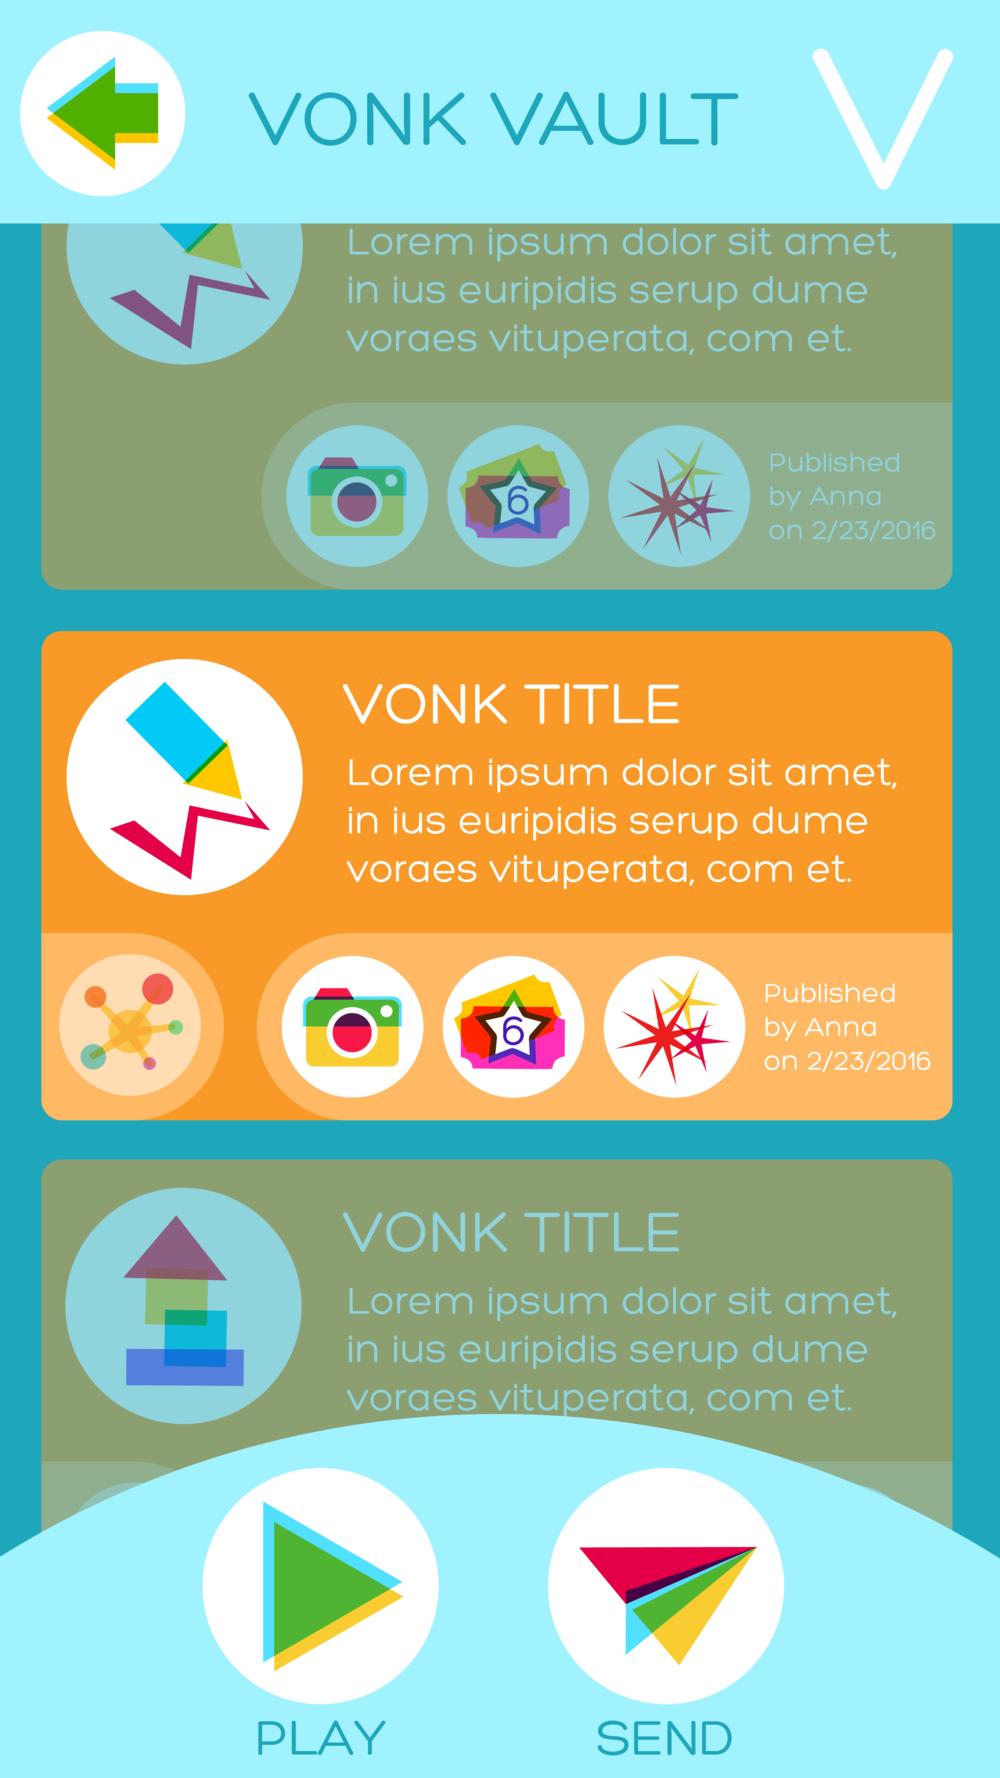 vonk_vault.png